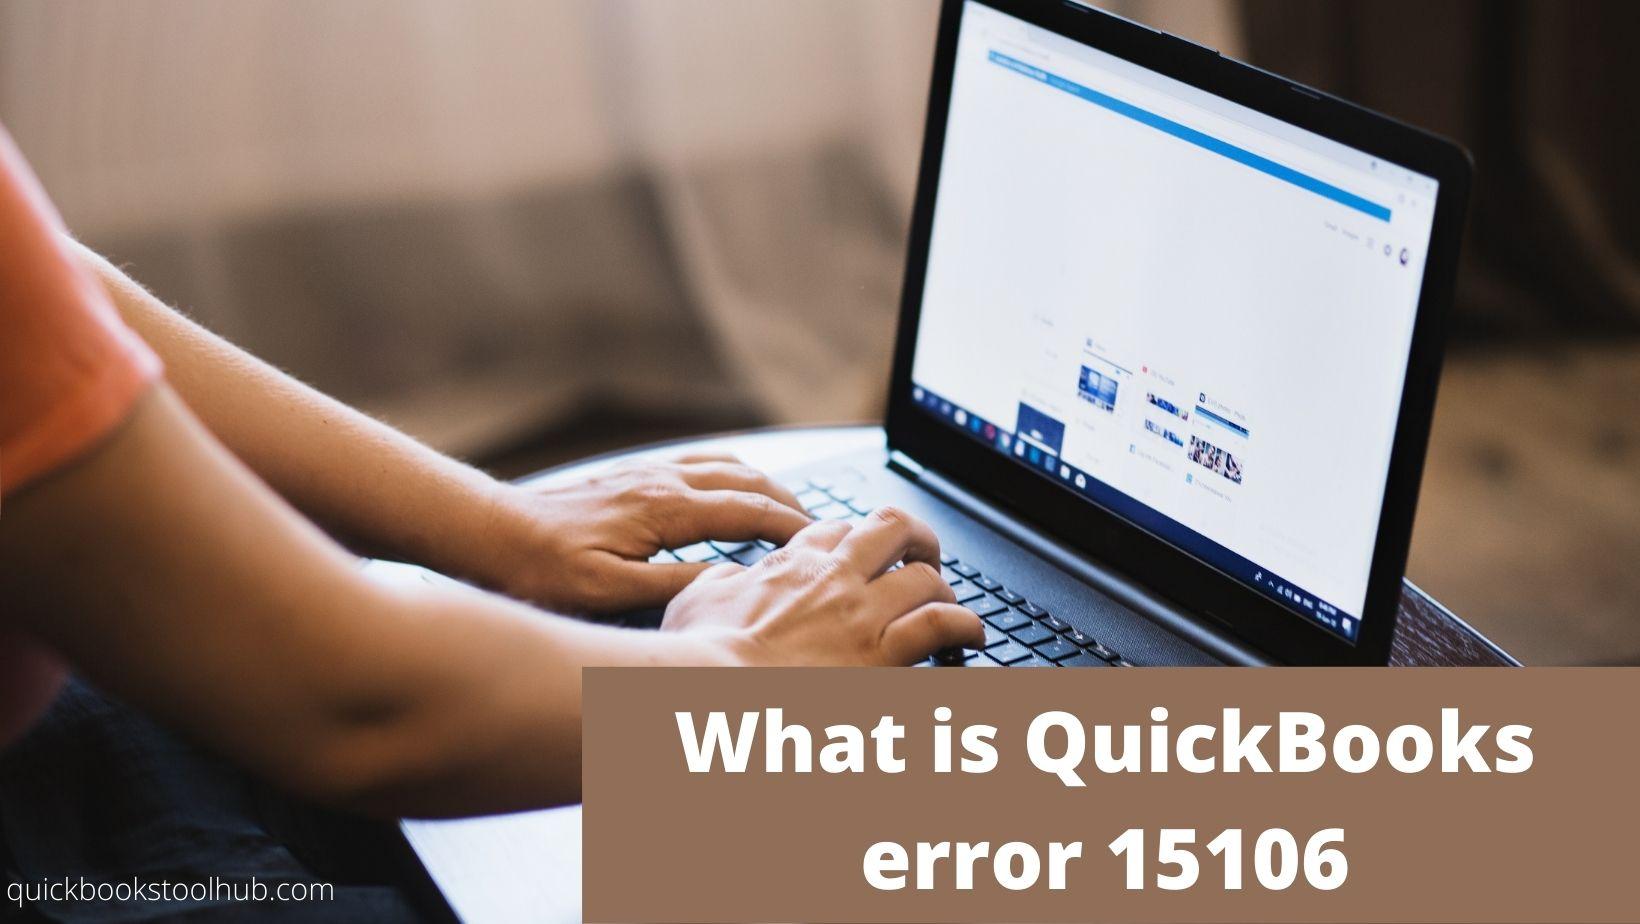 What is QuickBooks error 15106